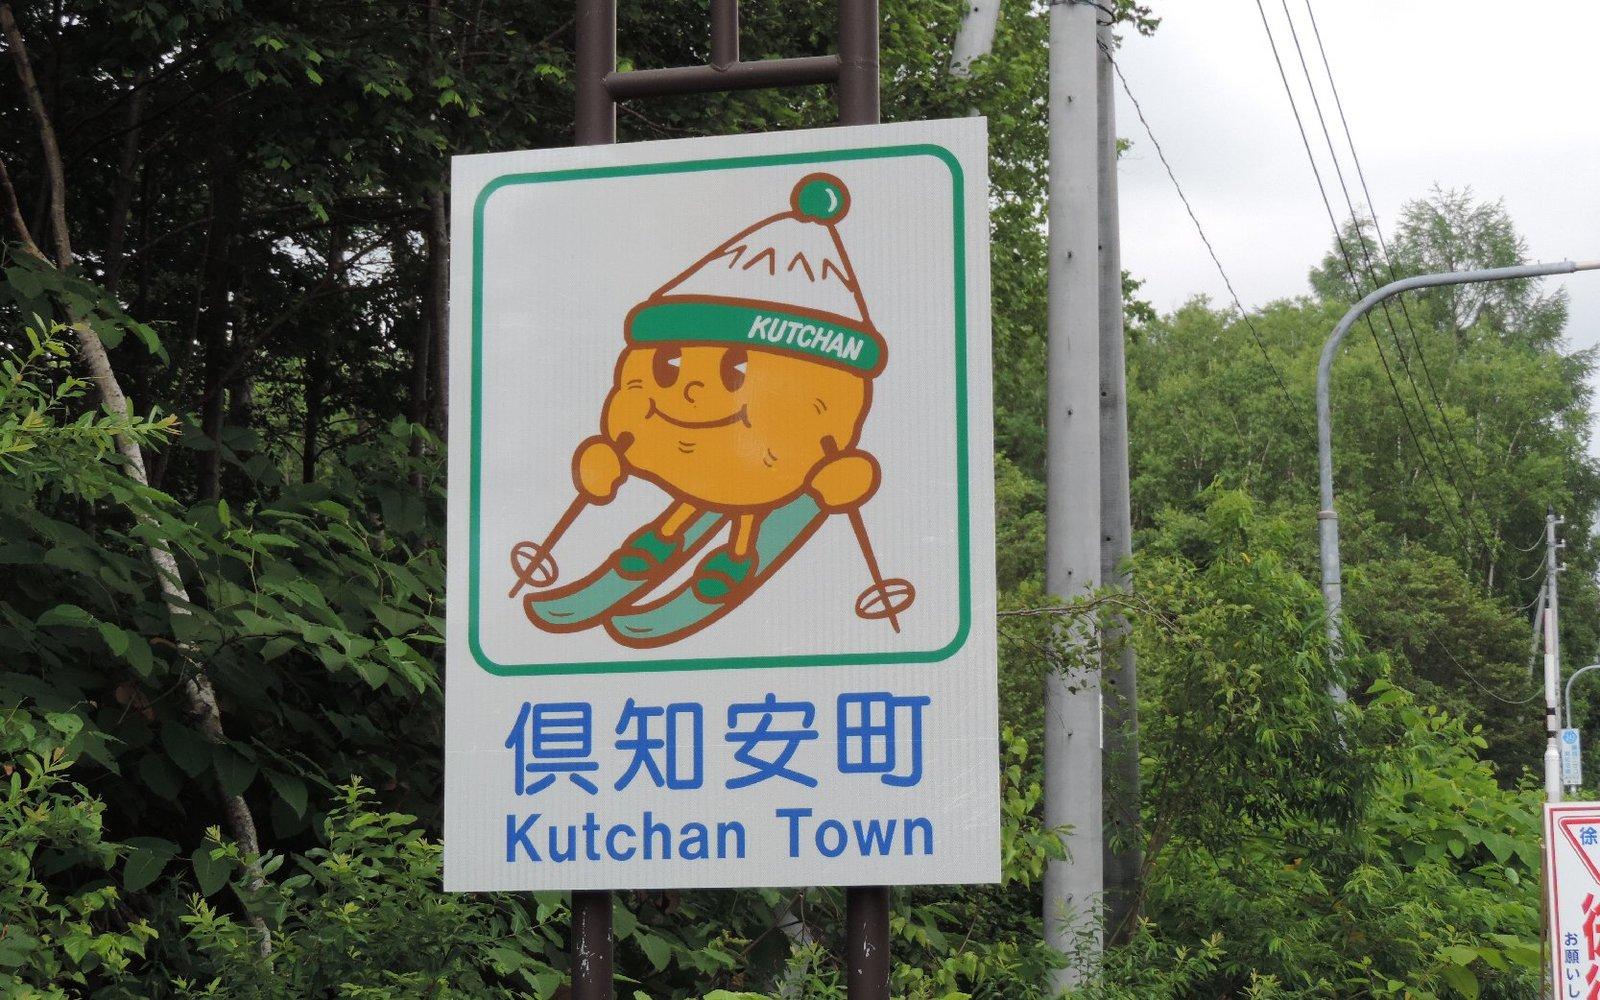 kutchan town road sign jagata kun mascot